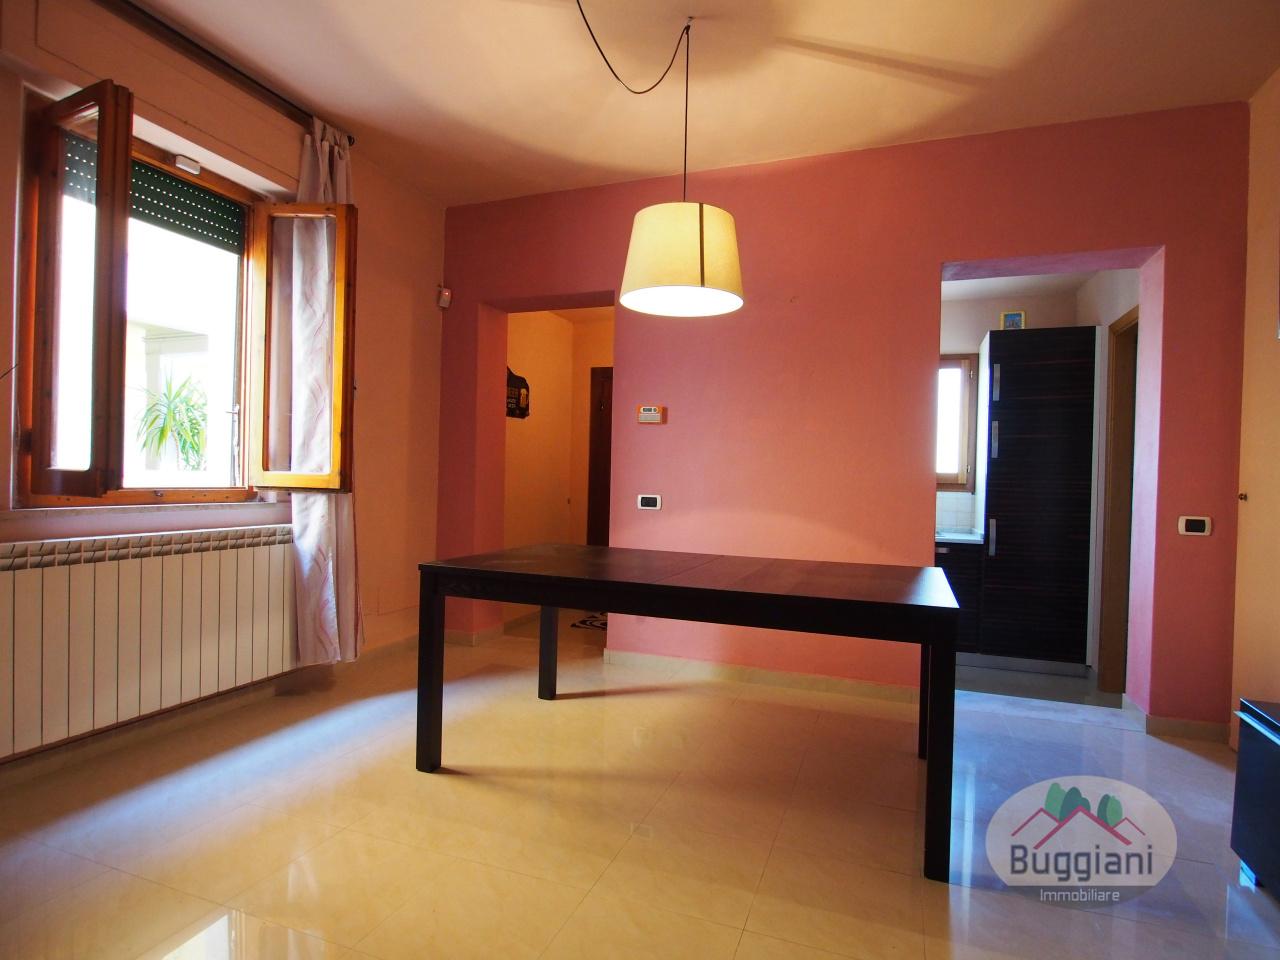 Terratetto in vendita RIF. 1730, San Miniato (PI)